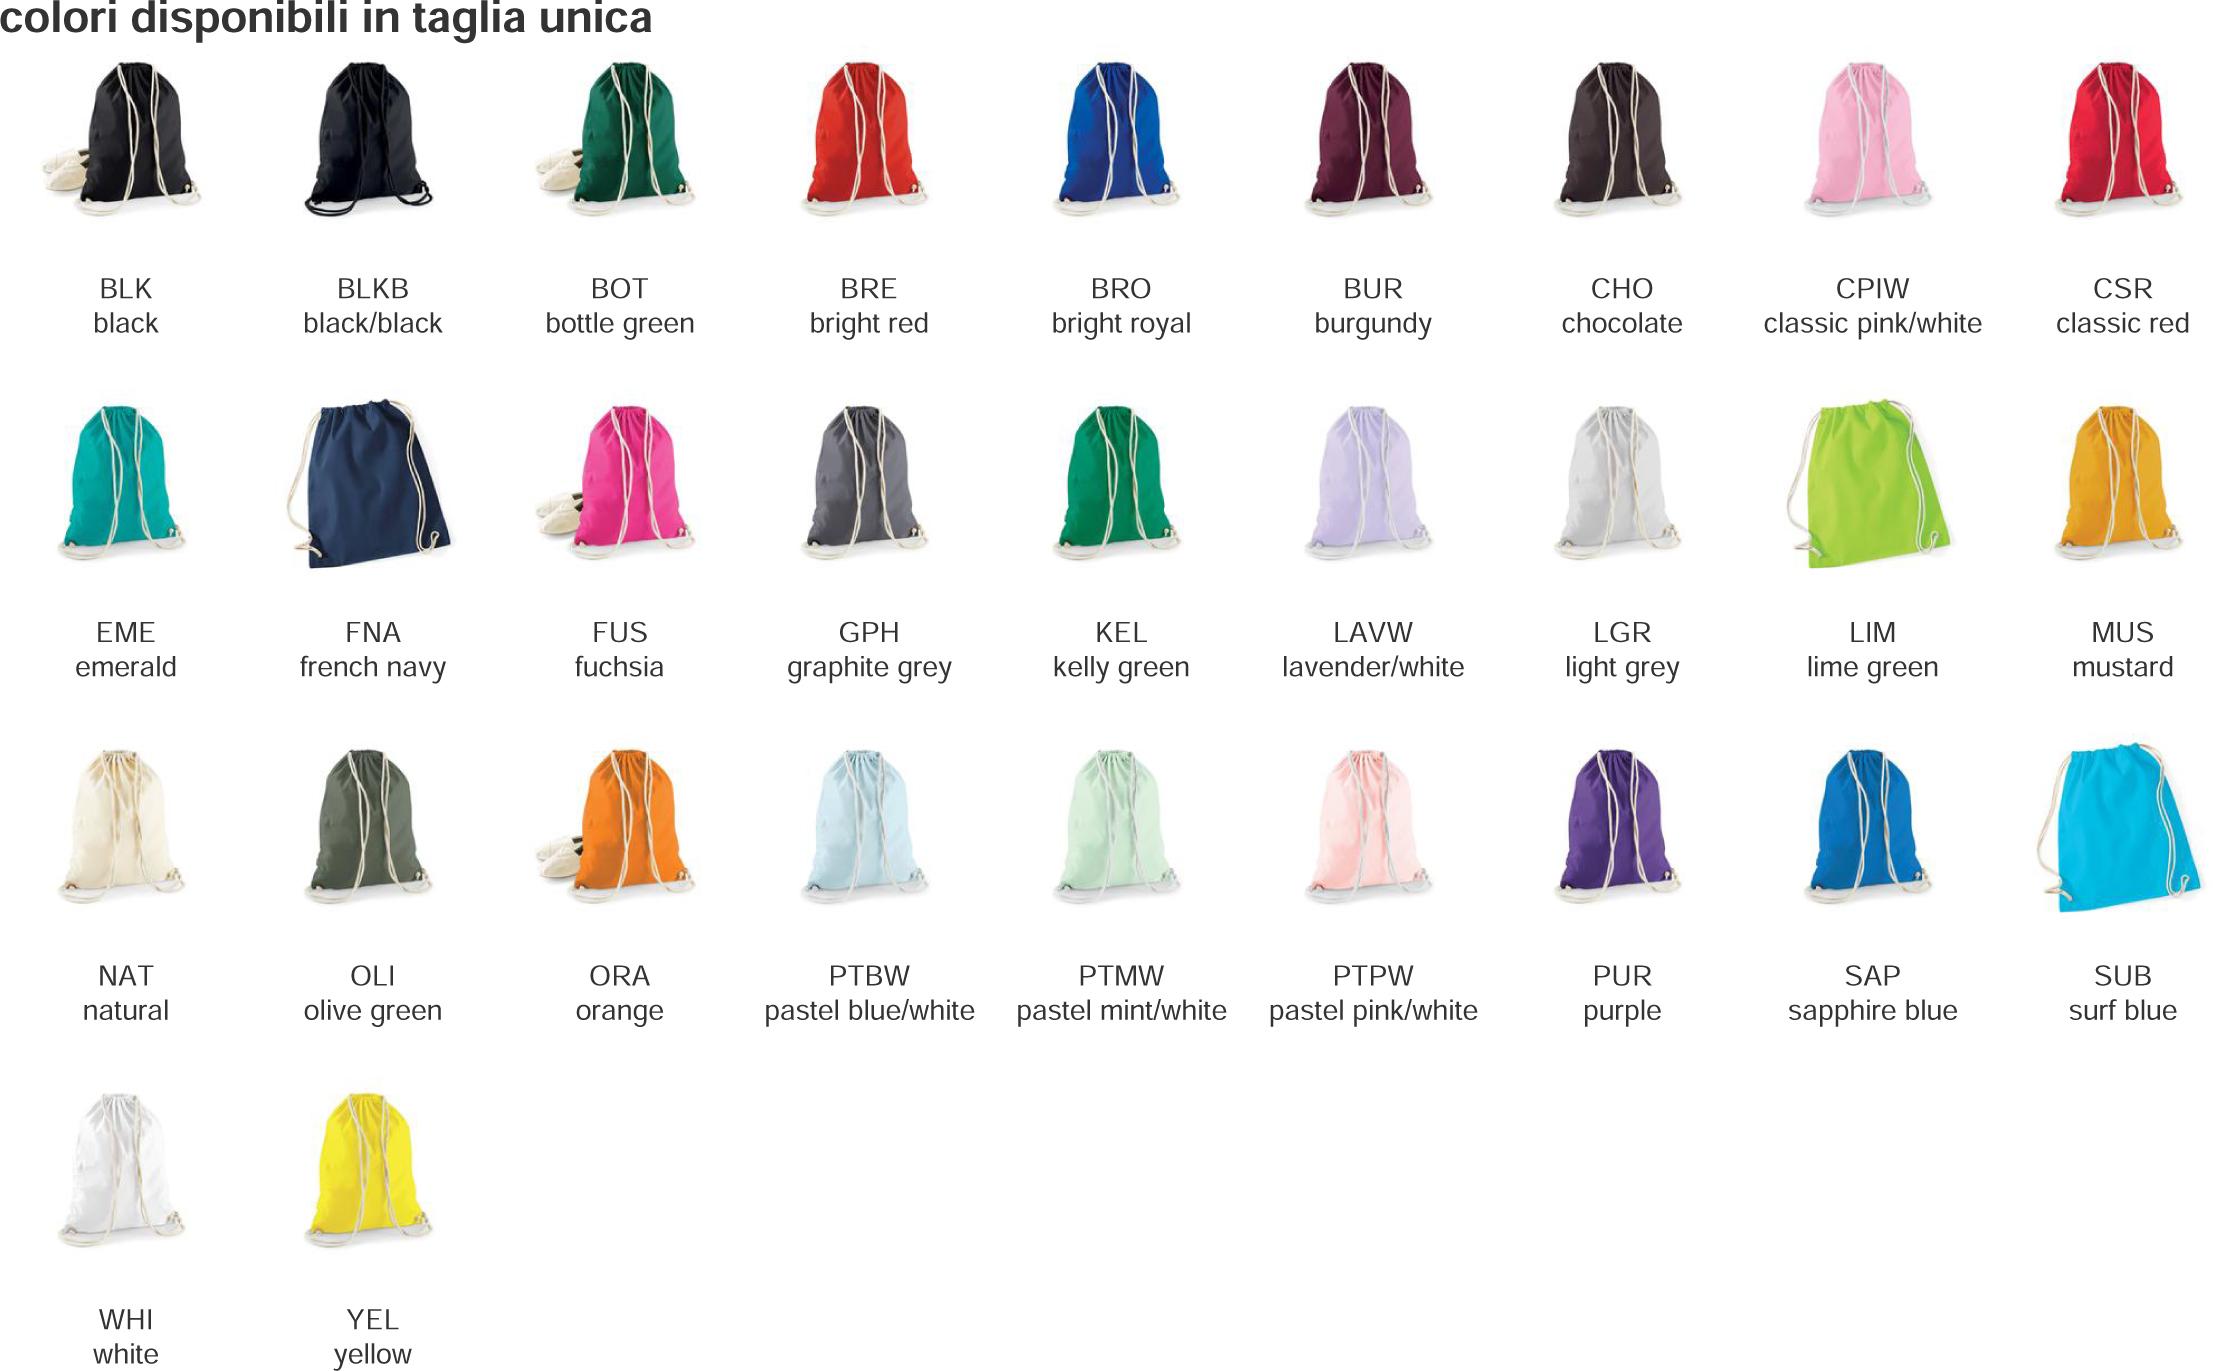 sacca zaino colori